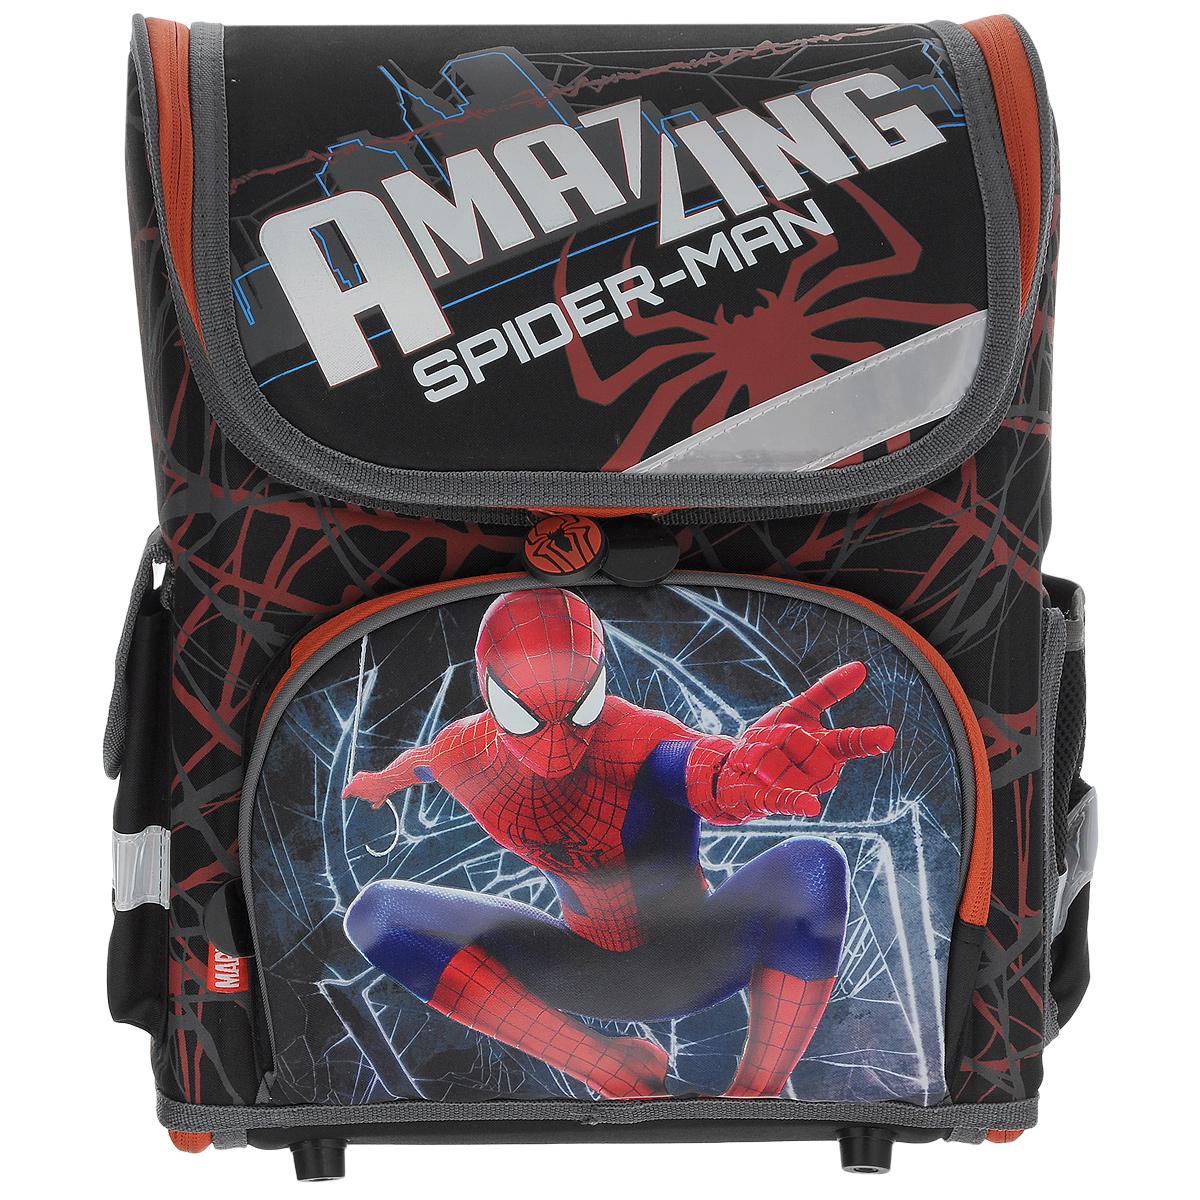 Ранец школьный Spider-man, с наполнением, цвет: черный, красныйSMOZ-UT1-116SETШкольный ранец Spider-man выполнен из современного легкого и прочного материала фиолетового цвета, дополненный яркими аппликациями с героями Spider-man. Ранец имеет одно основное отделение, закрывающееся на молнию. Ранец полностью раскладывается. Внутри главного отделения расположен накладной сетчатый карман и два разделителя с утягивающей резинкой, предназначенные для размещения предметов без сложения, размером до формата А4 включительно. На лицевой стороне ранца расположен накладной карман на молнии. По бокам ранца размещены два дополнительных накладных кармана, один на застежке-молнии, и один открытый. Рельеф спинки ранца разработан с учетом особенности детского позвоночника.Ранец оснащен удобной ручкой для переноски и двумя широкими лямками, регулируемой длины. Дно ранца защищено пластиковыми ножками. Многофункциональный школьный ранец станет незаменимым спутником вашего ребенка в походах за знаниями. В комплекте с ранцем идет наполнение: Альбом для рисования, формат 290х205, 20 листов; Тетрадь в клетку, 12 листов;Тетрадь в линейку, 12 листов; Дневник школьный; Пластиковая папка-уголок; Ластик школьный; Карандаш чернографитный, 3 шт. Весь товар из наполнения с изображениями Spider-man.